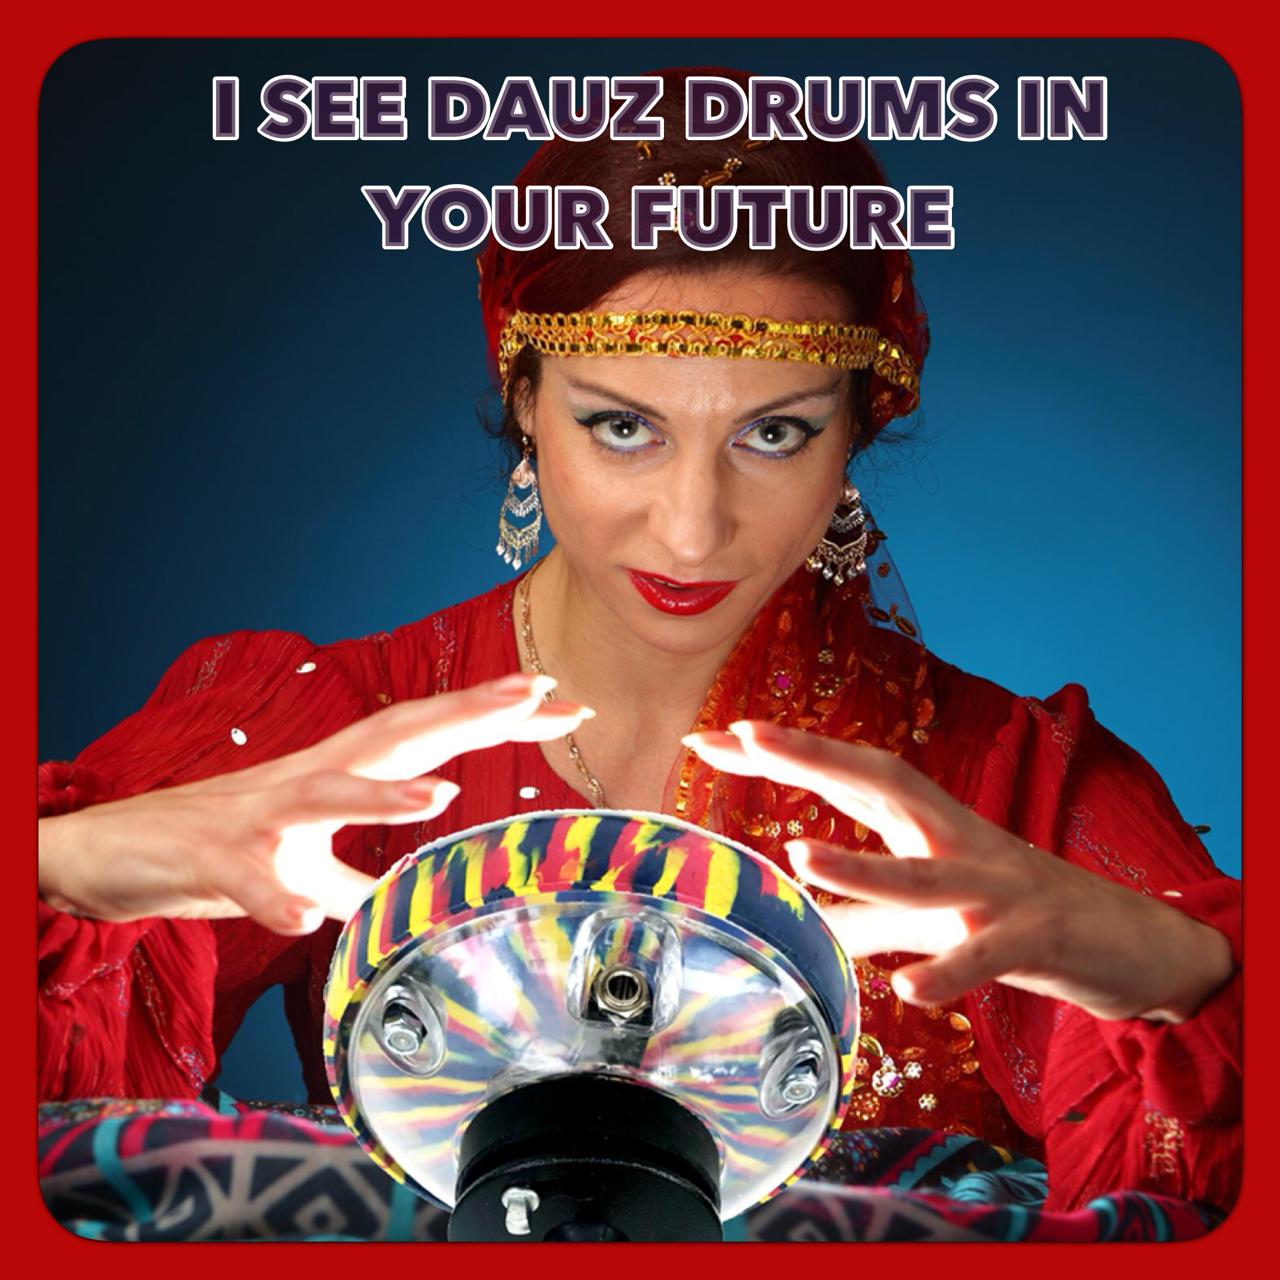 Dauz Drums in your Future